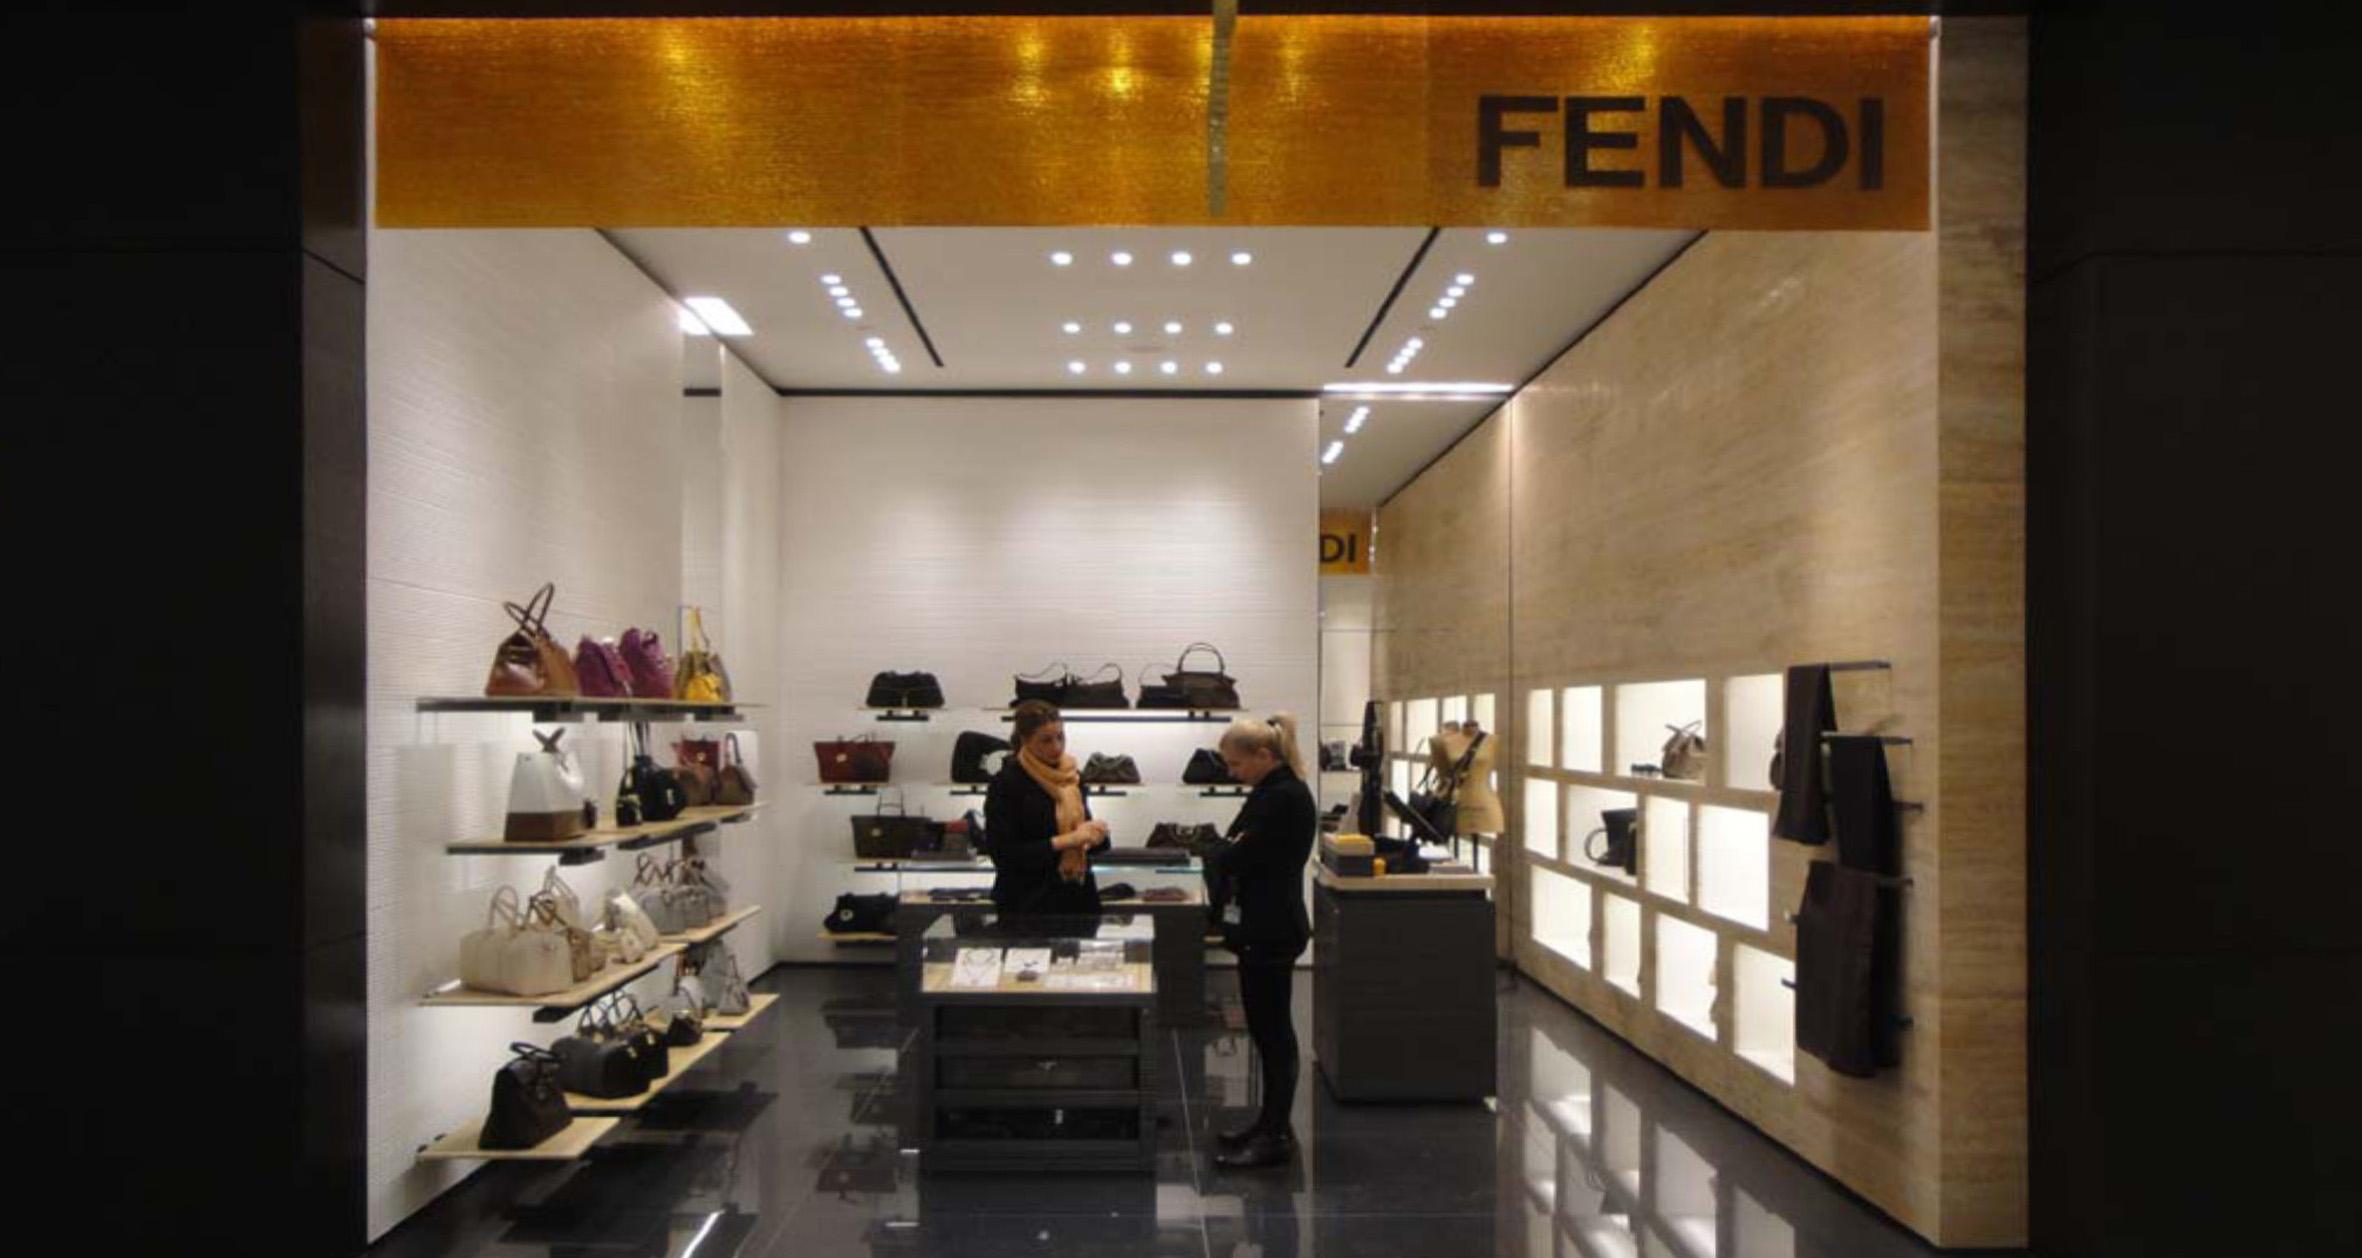 FENDI-Store_cover.jpg